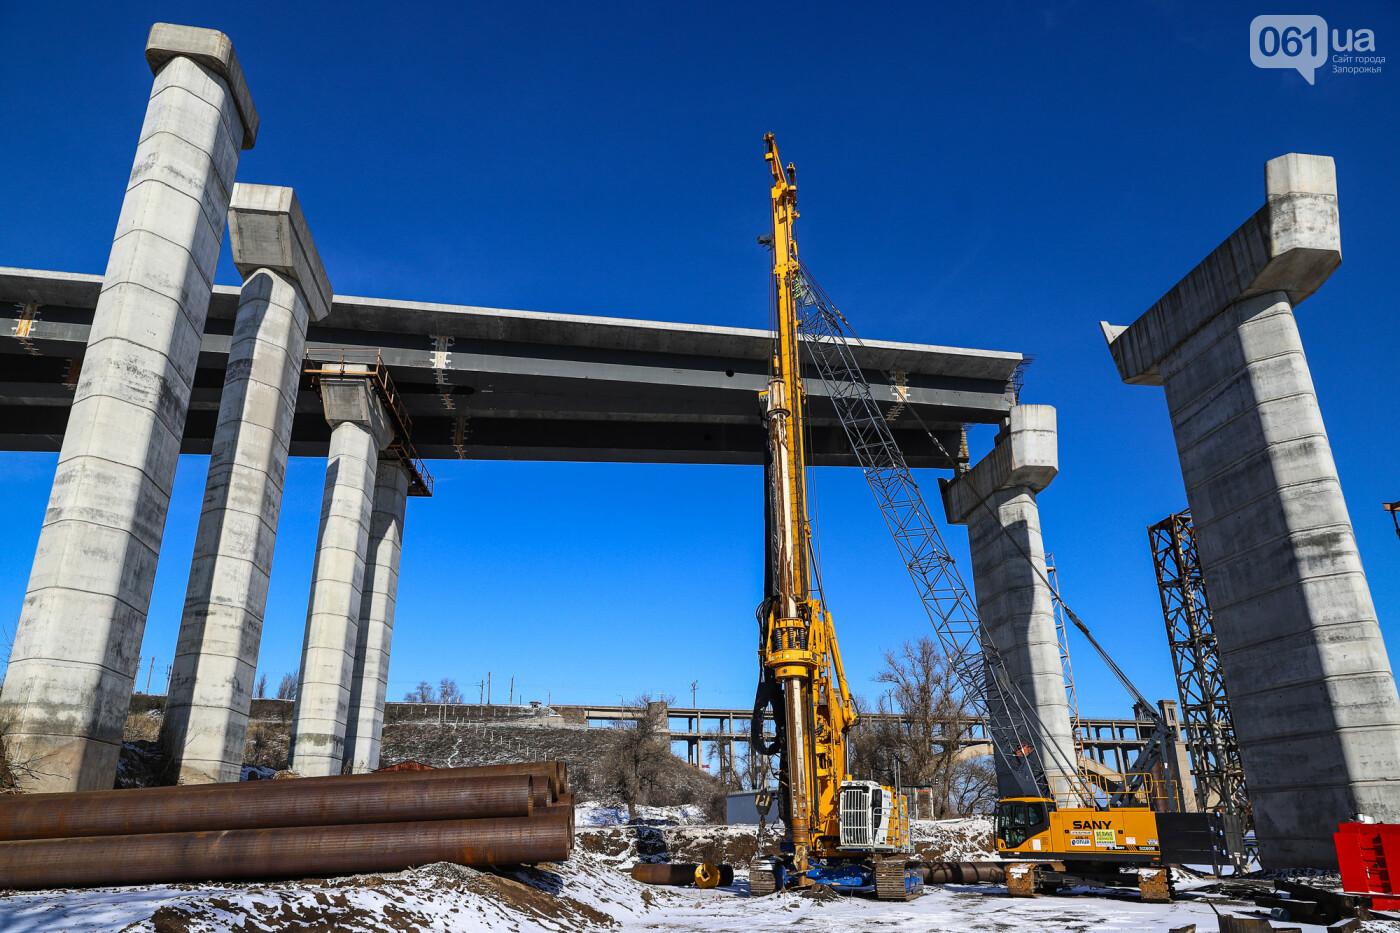 Кран с иностранной пропиской, ванты и металл: строительство запорожских мостов в фотографиях, фото-43